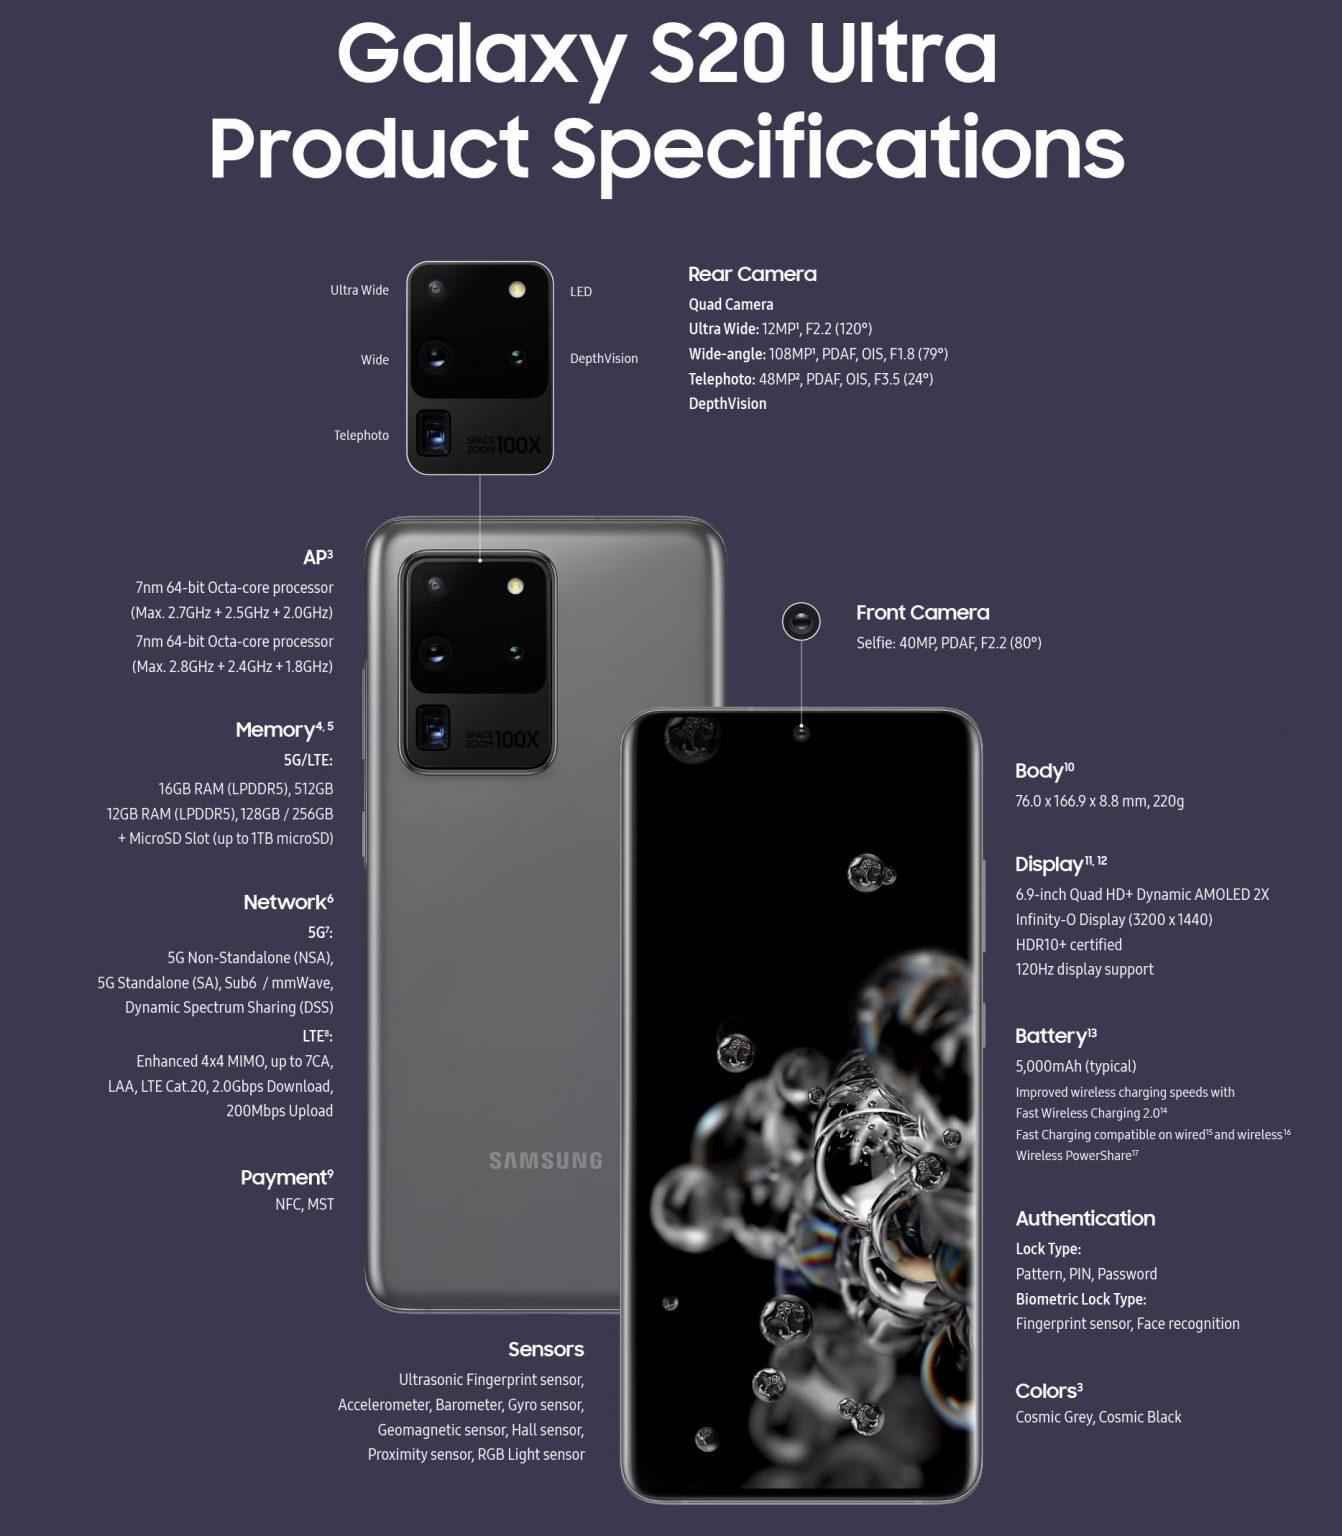 Samsung ra mắt Galaxy S20, S20+, S20 Ultra - Thông số kỹ thuật Galaxy S20 Ultra